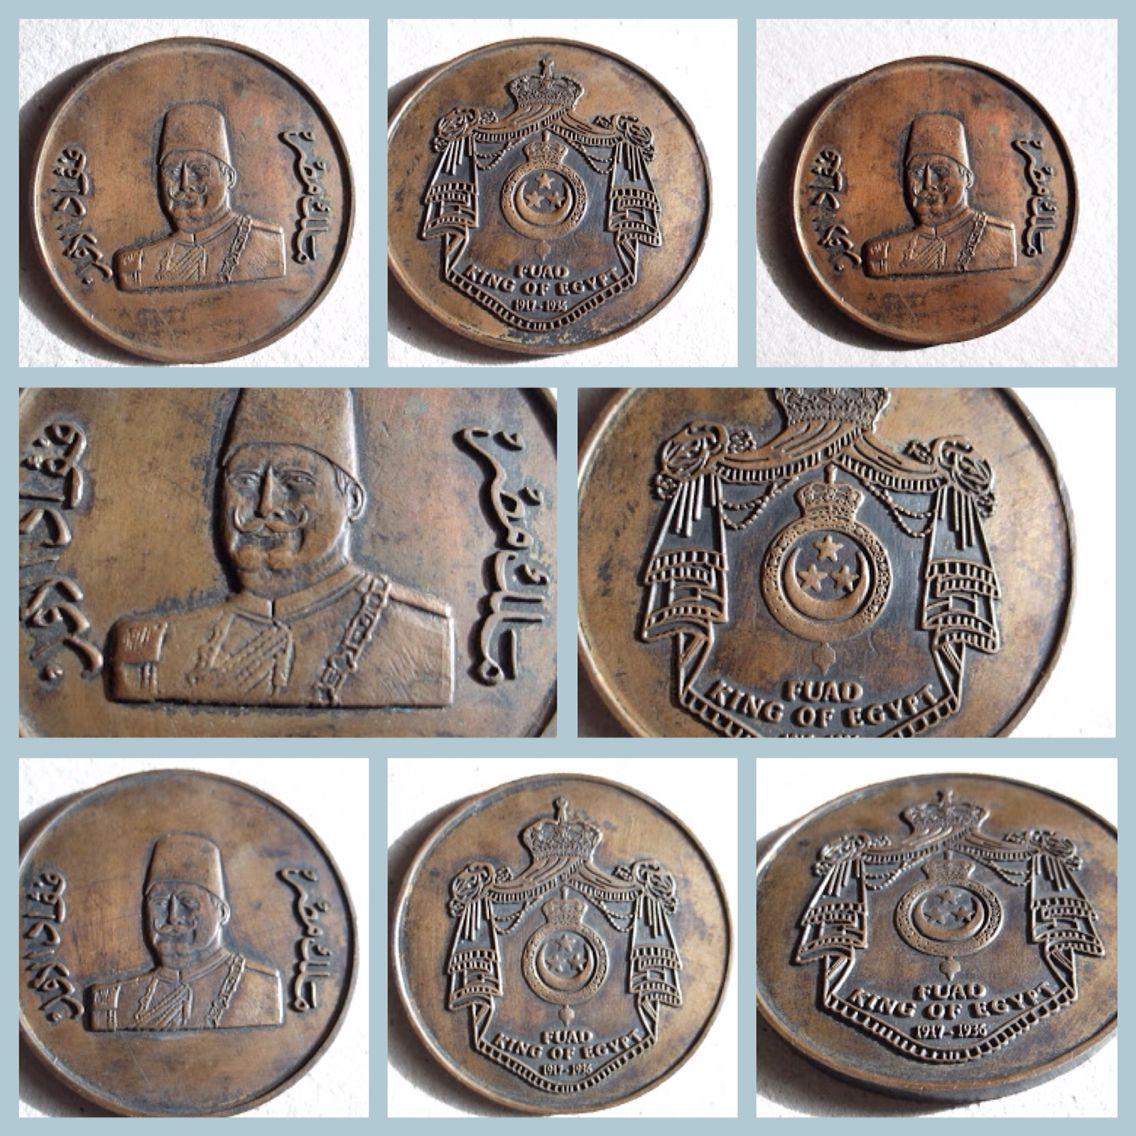 تحفة قديمة وبارزة للملك فؤاد الأول من النحاس الاحمر القديم الذي كانت تصنع منه العملات مثل مليمات الملك فاروق او Ancient Egypt Art Egypt History Ancient Coins